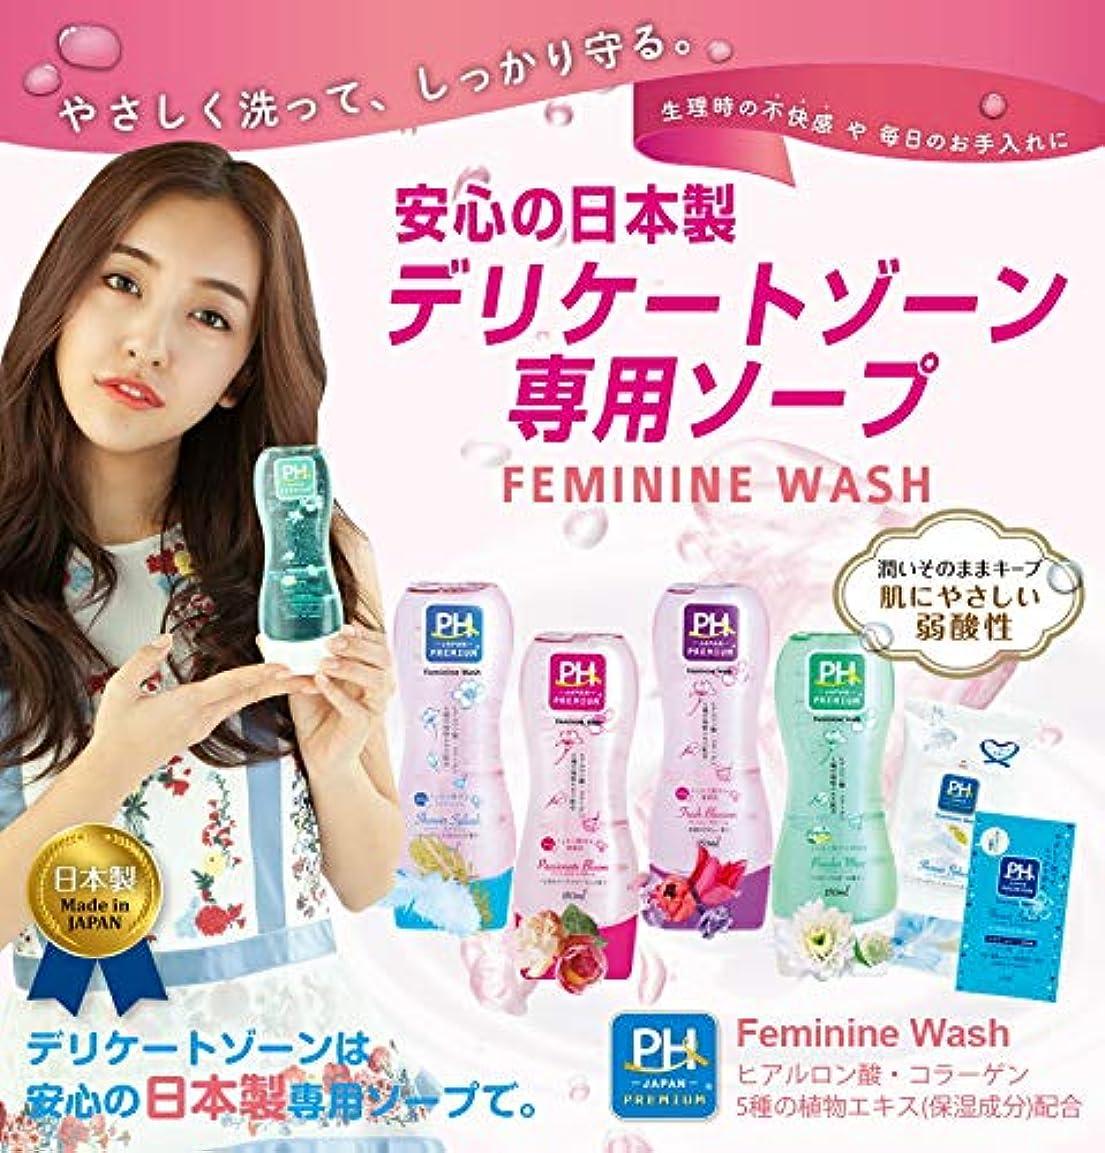 険しいエステート繁雑PH JAPAN プレミアム フェミニンウォッシュ パッショネイトブルーム150ml上品なローズフローラルの香り 3本セット